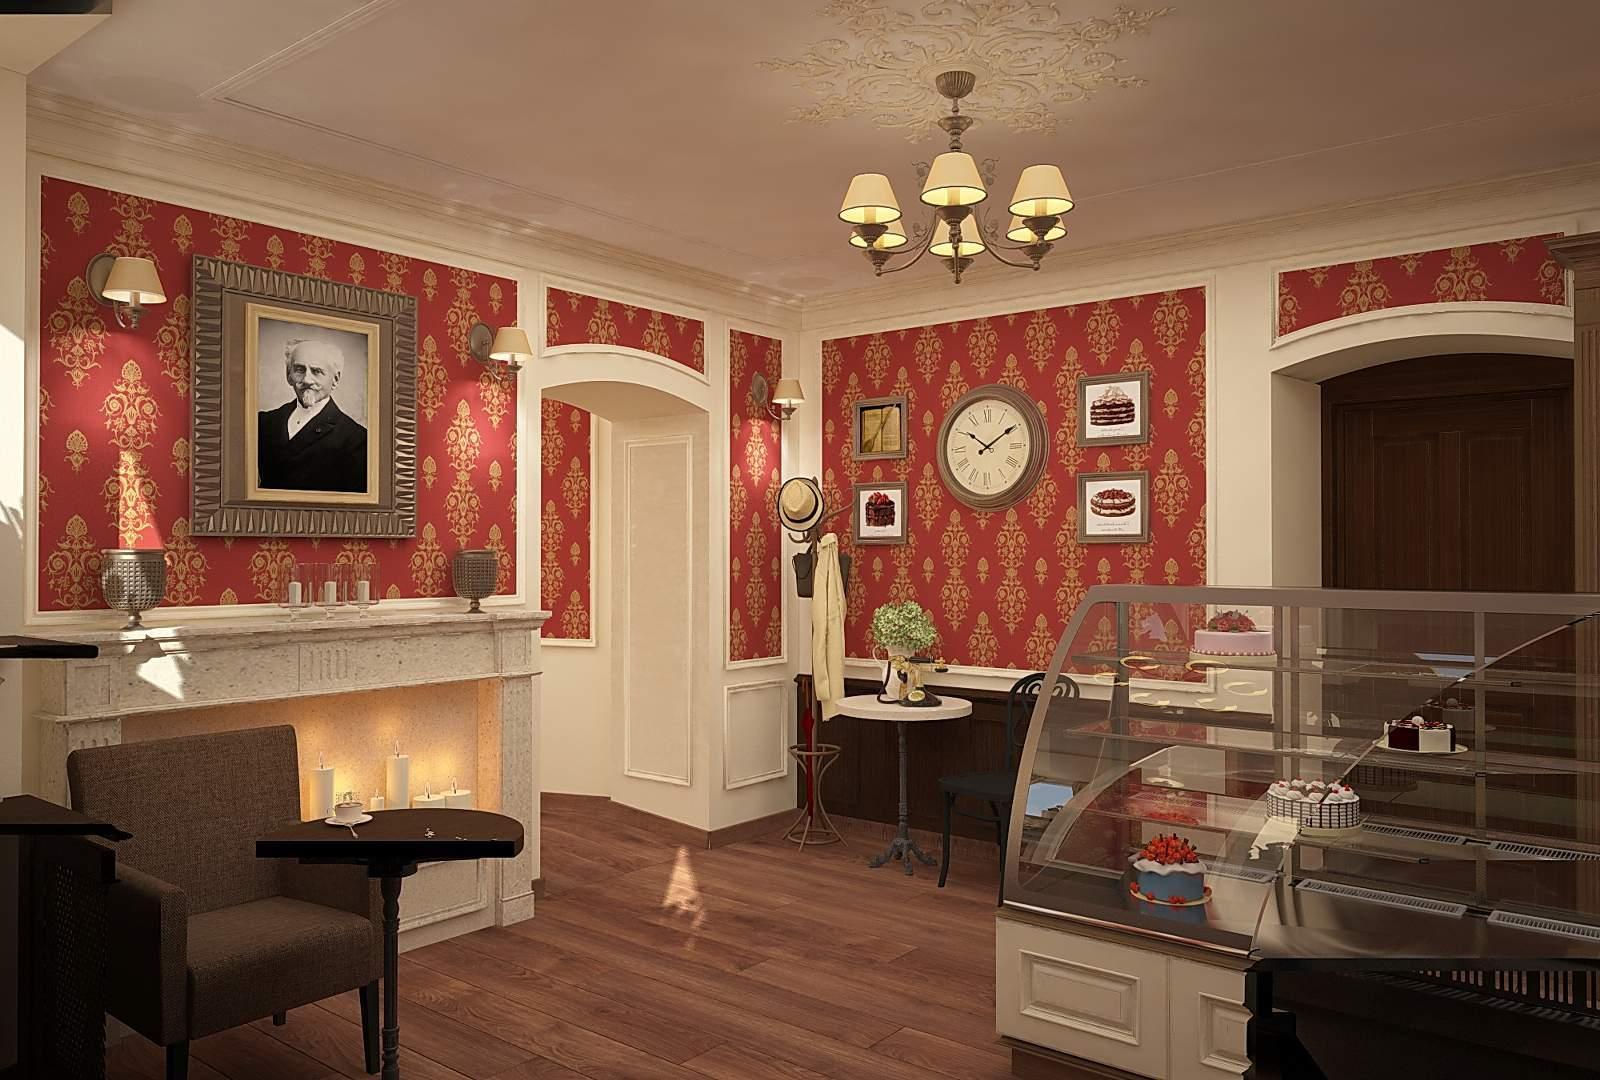 Franz_Sacher_caffe_interior_7_1600x1080_1600x1080